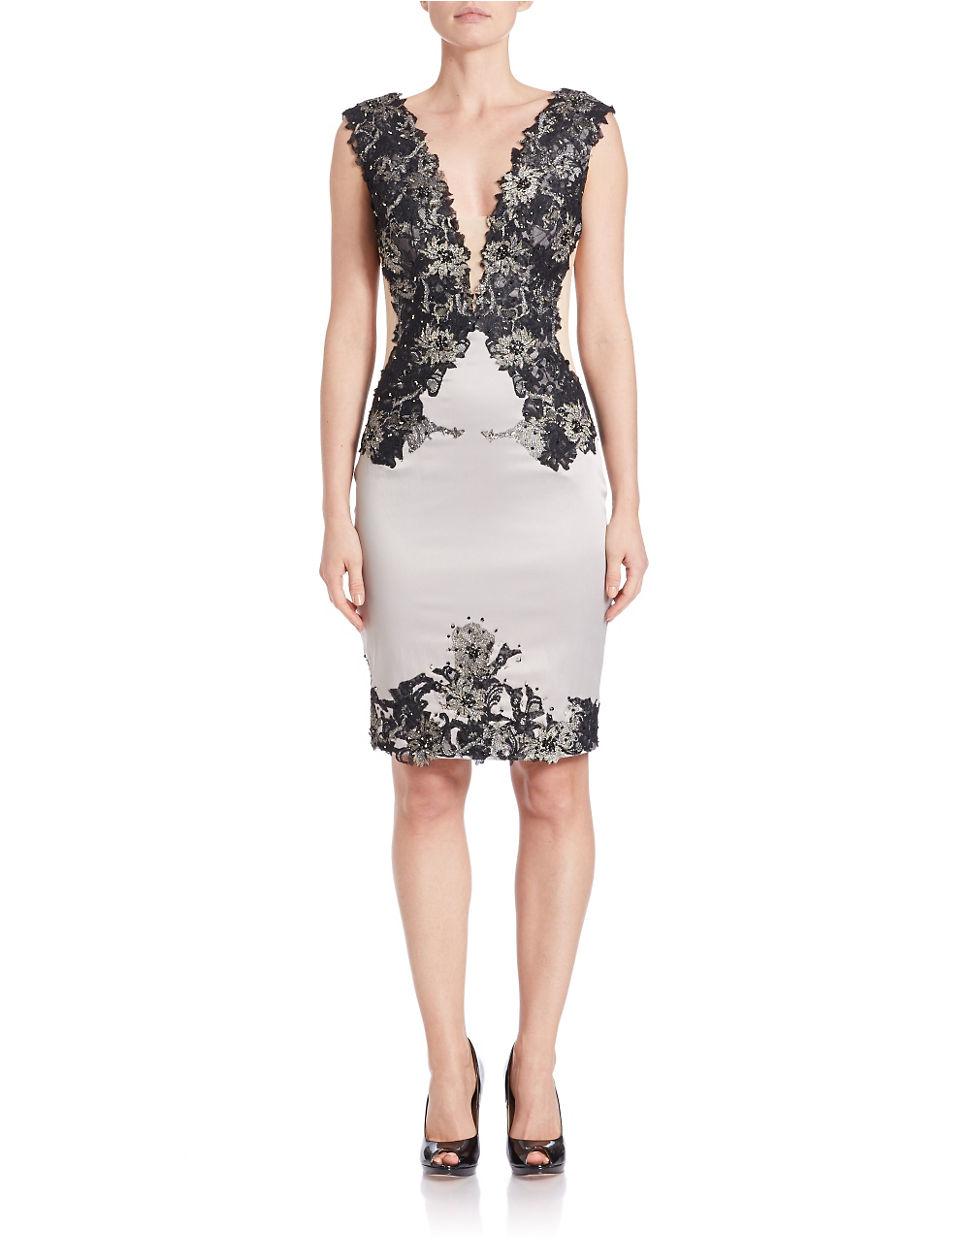 Julian joyce illusion lace dress